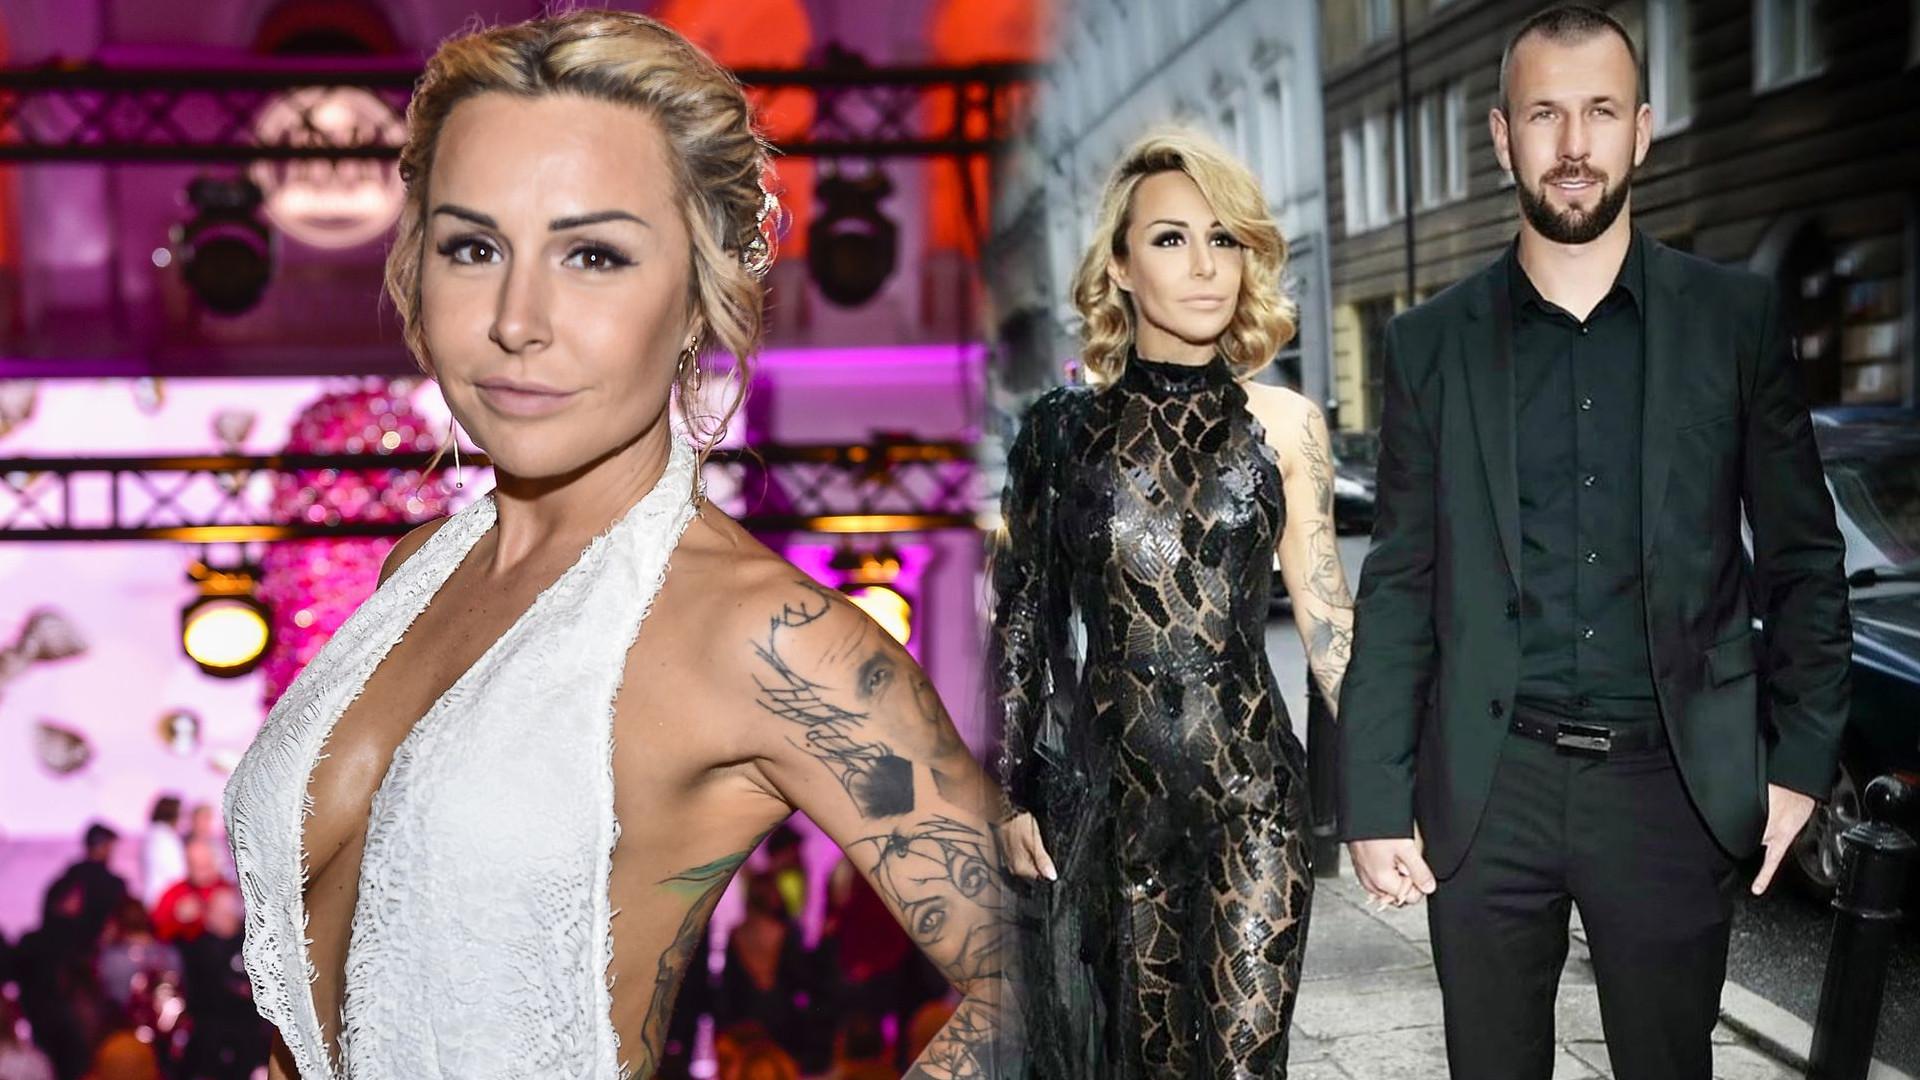 Blanka Lipińska wyszła za mąż! Na Instagramie pokazała zdjęcie i zamieściła wzruszający wpis